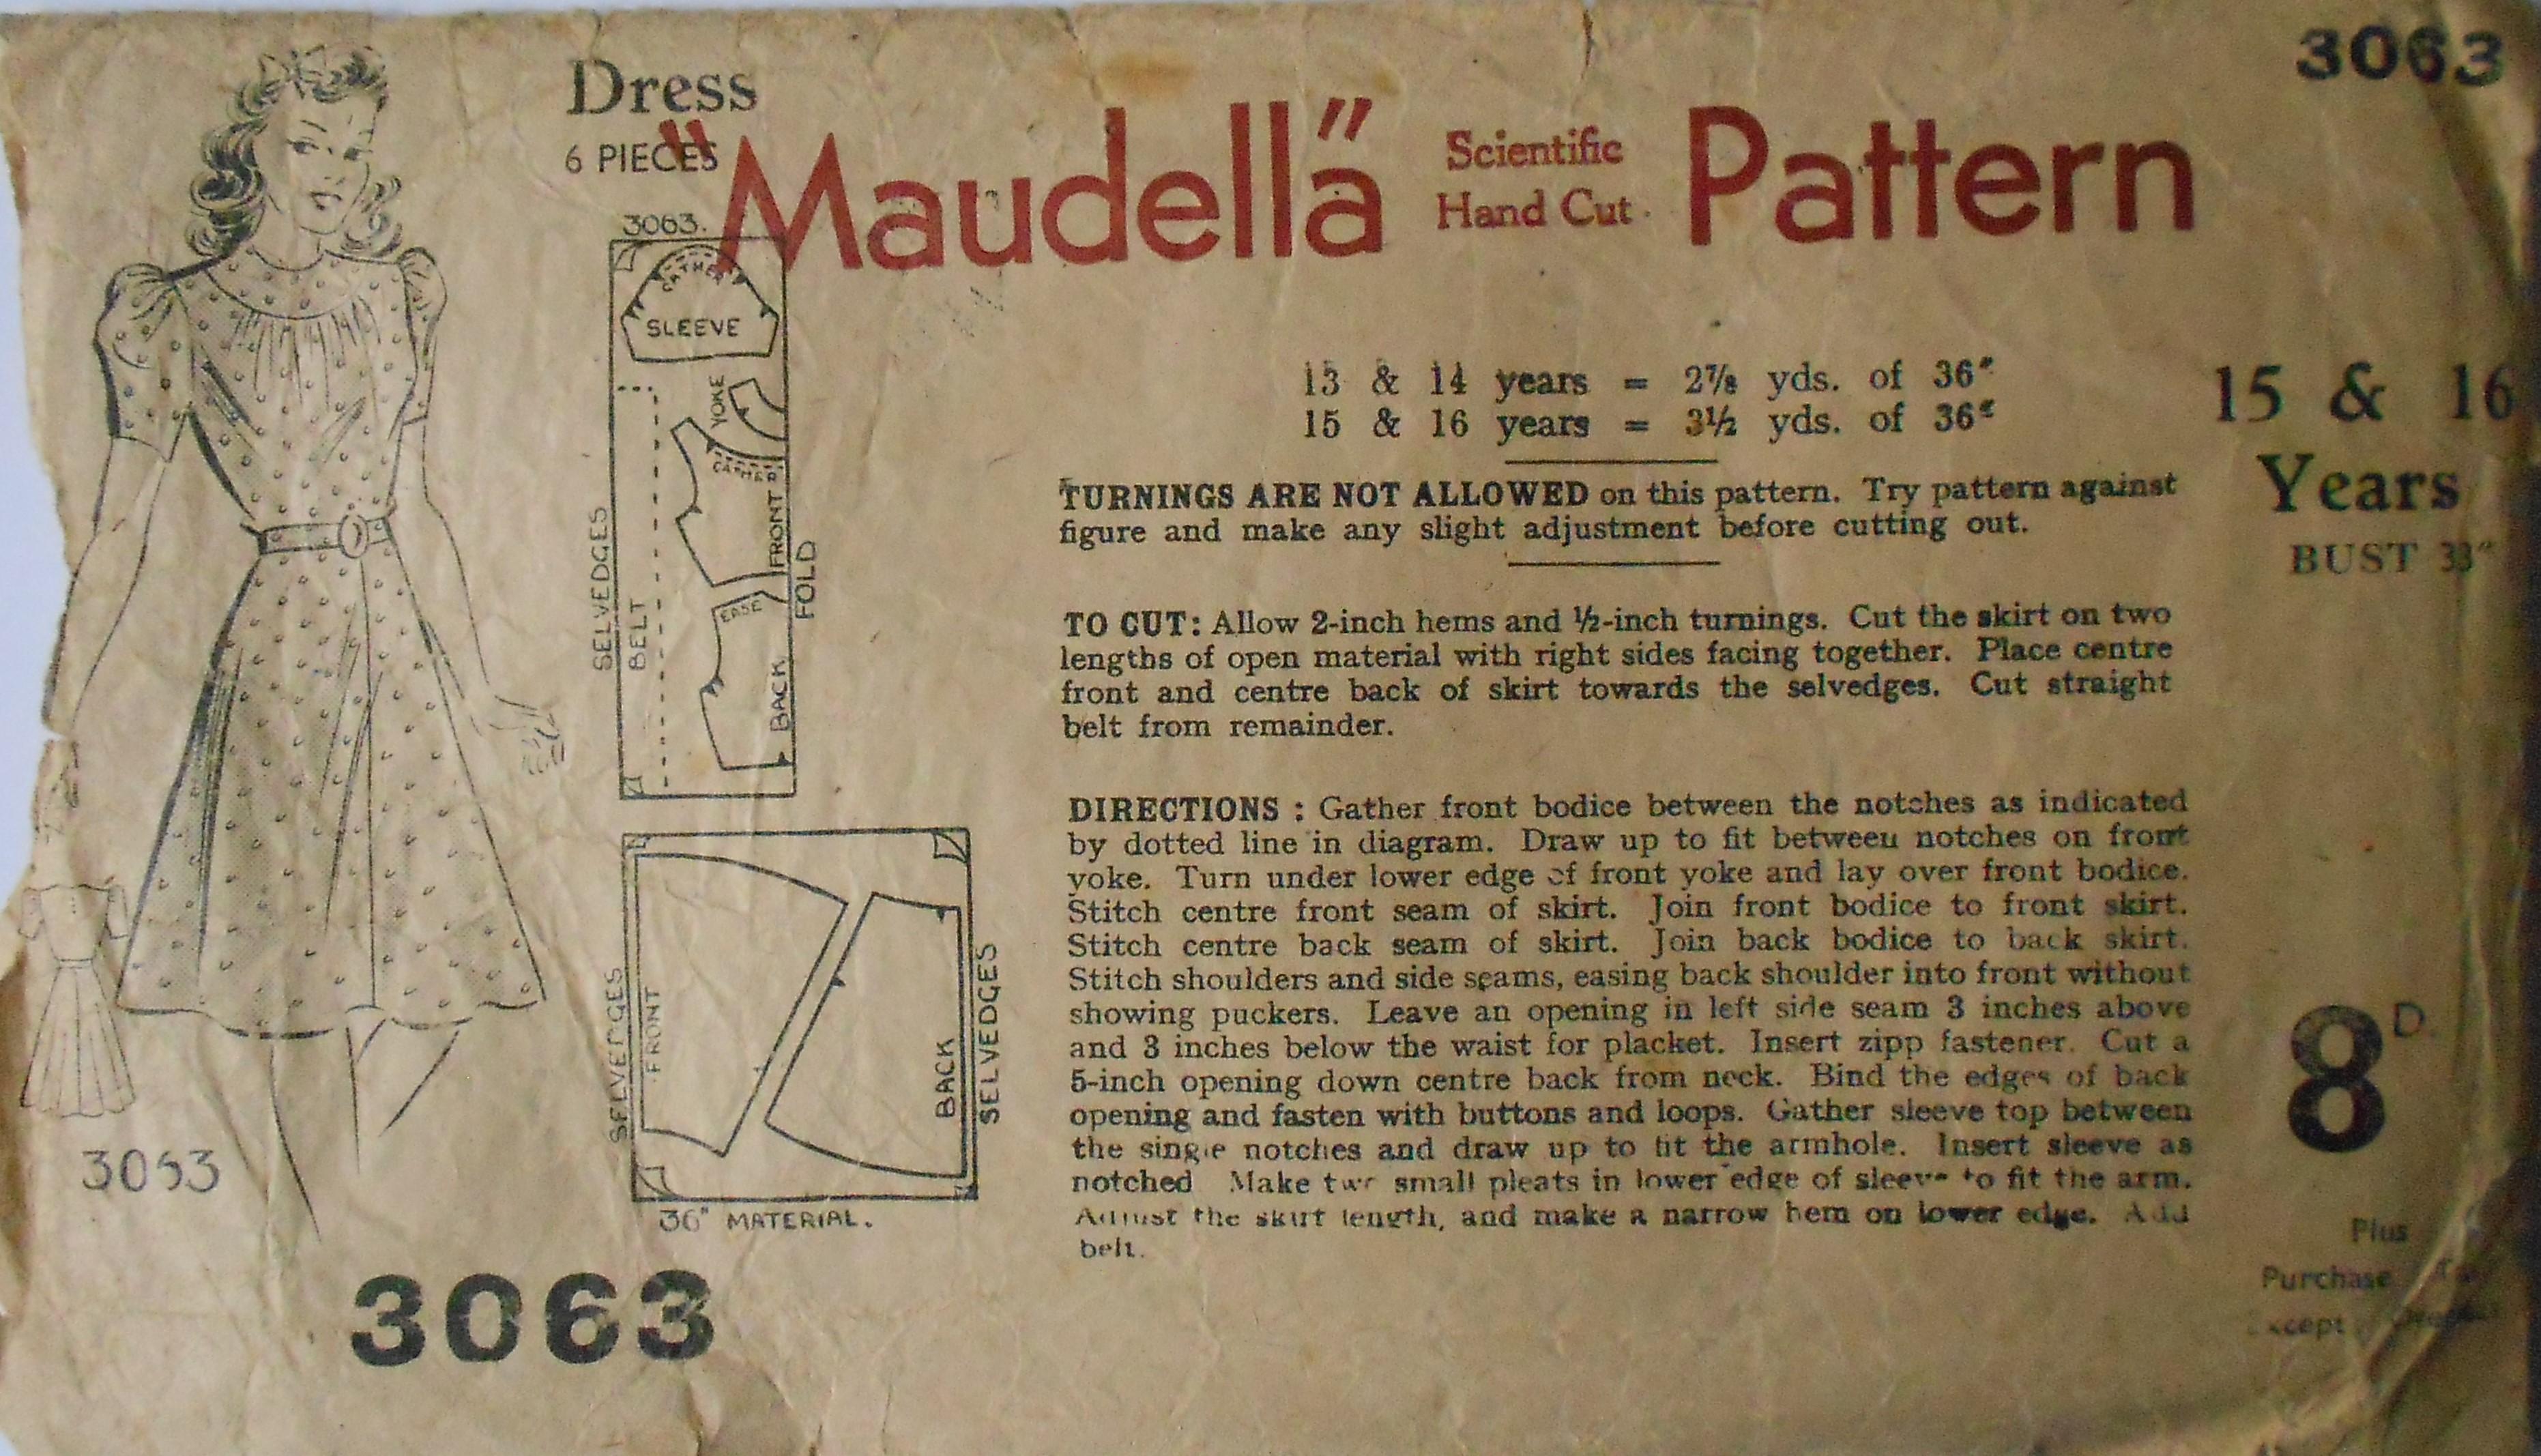 Maudella 3063